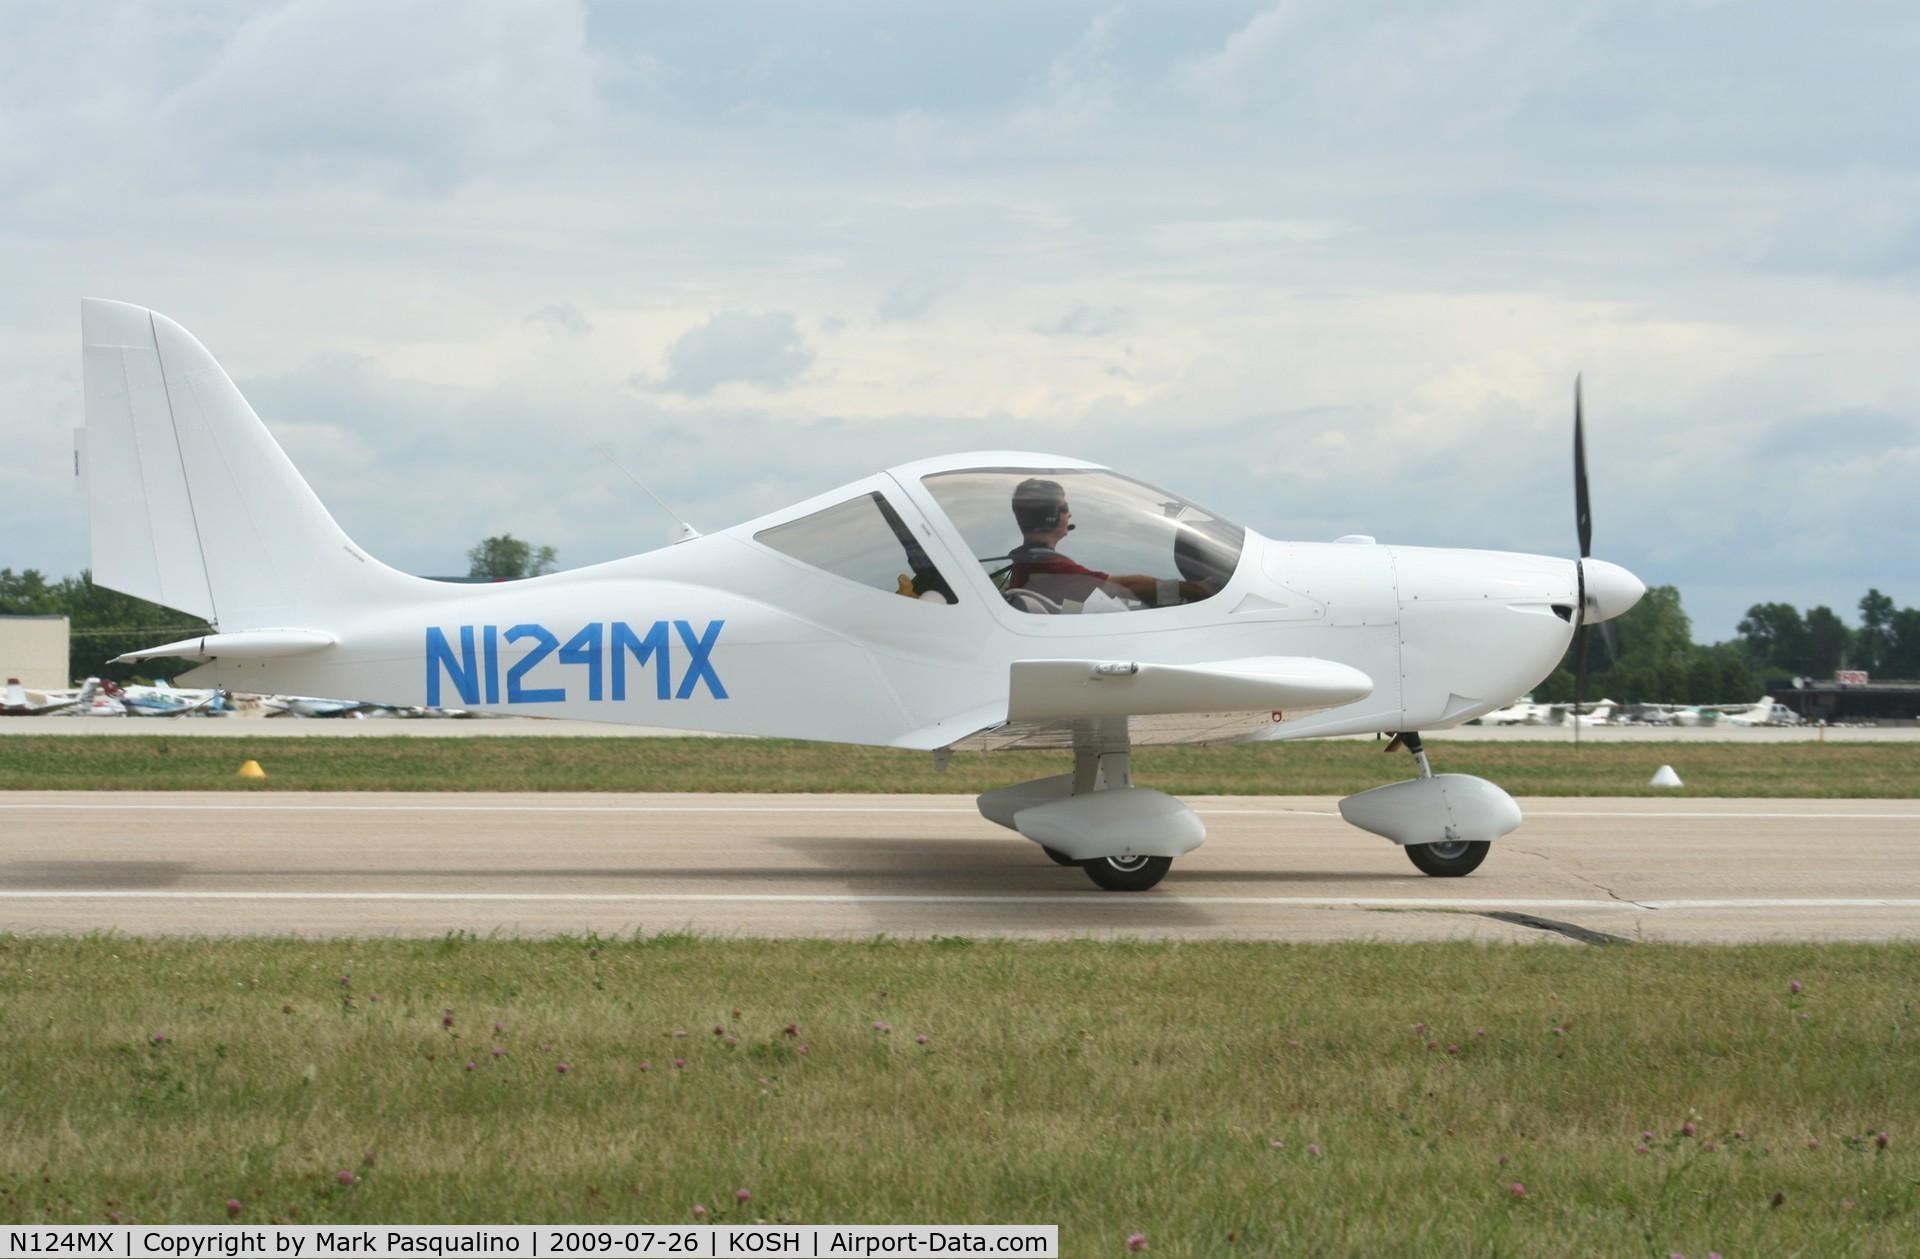 N124MX, Evektor-Aerotechnik Sportstar Max C/N 2009 1204, Sportsman Max